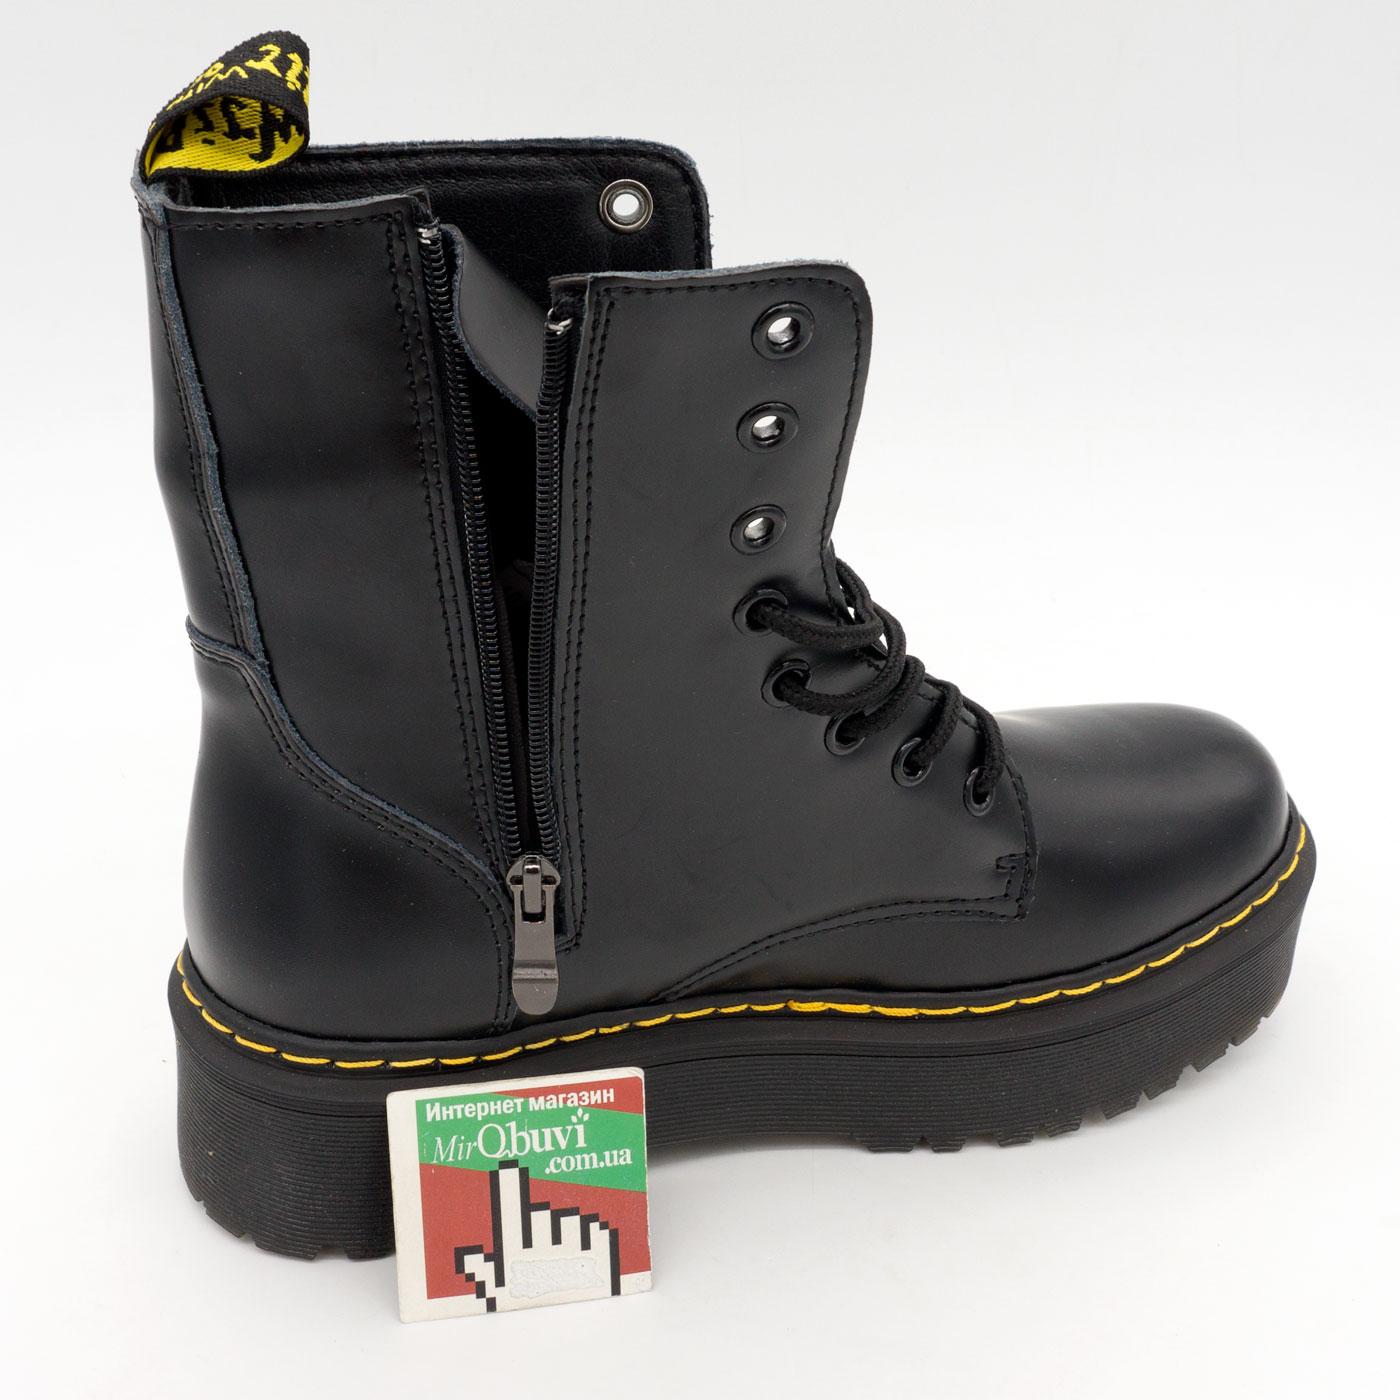 фото back Черные женские ботинки в Dr. Martens на платформе, натуральная кожа - Топ качество! back